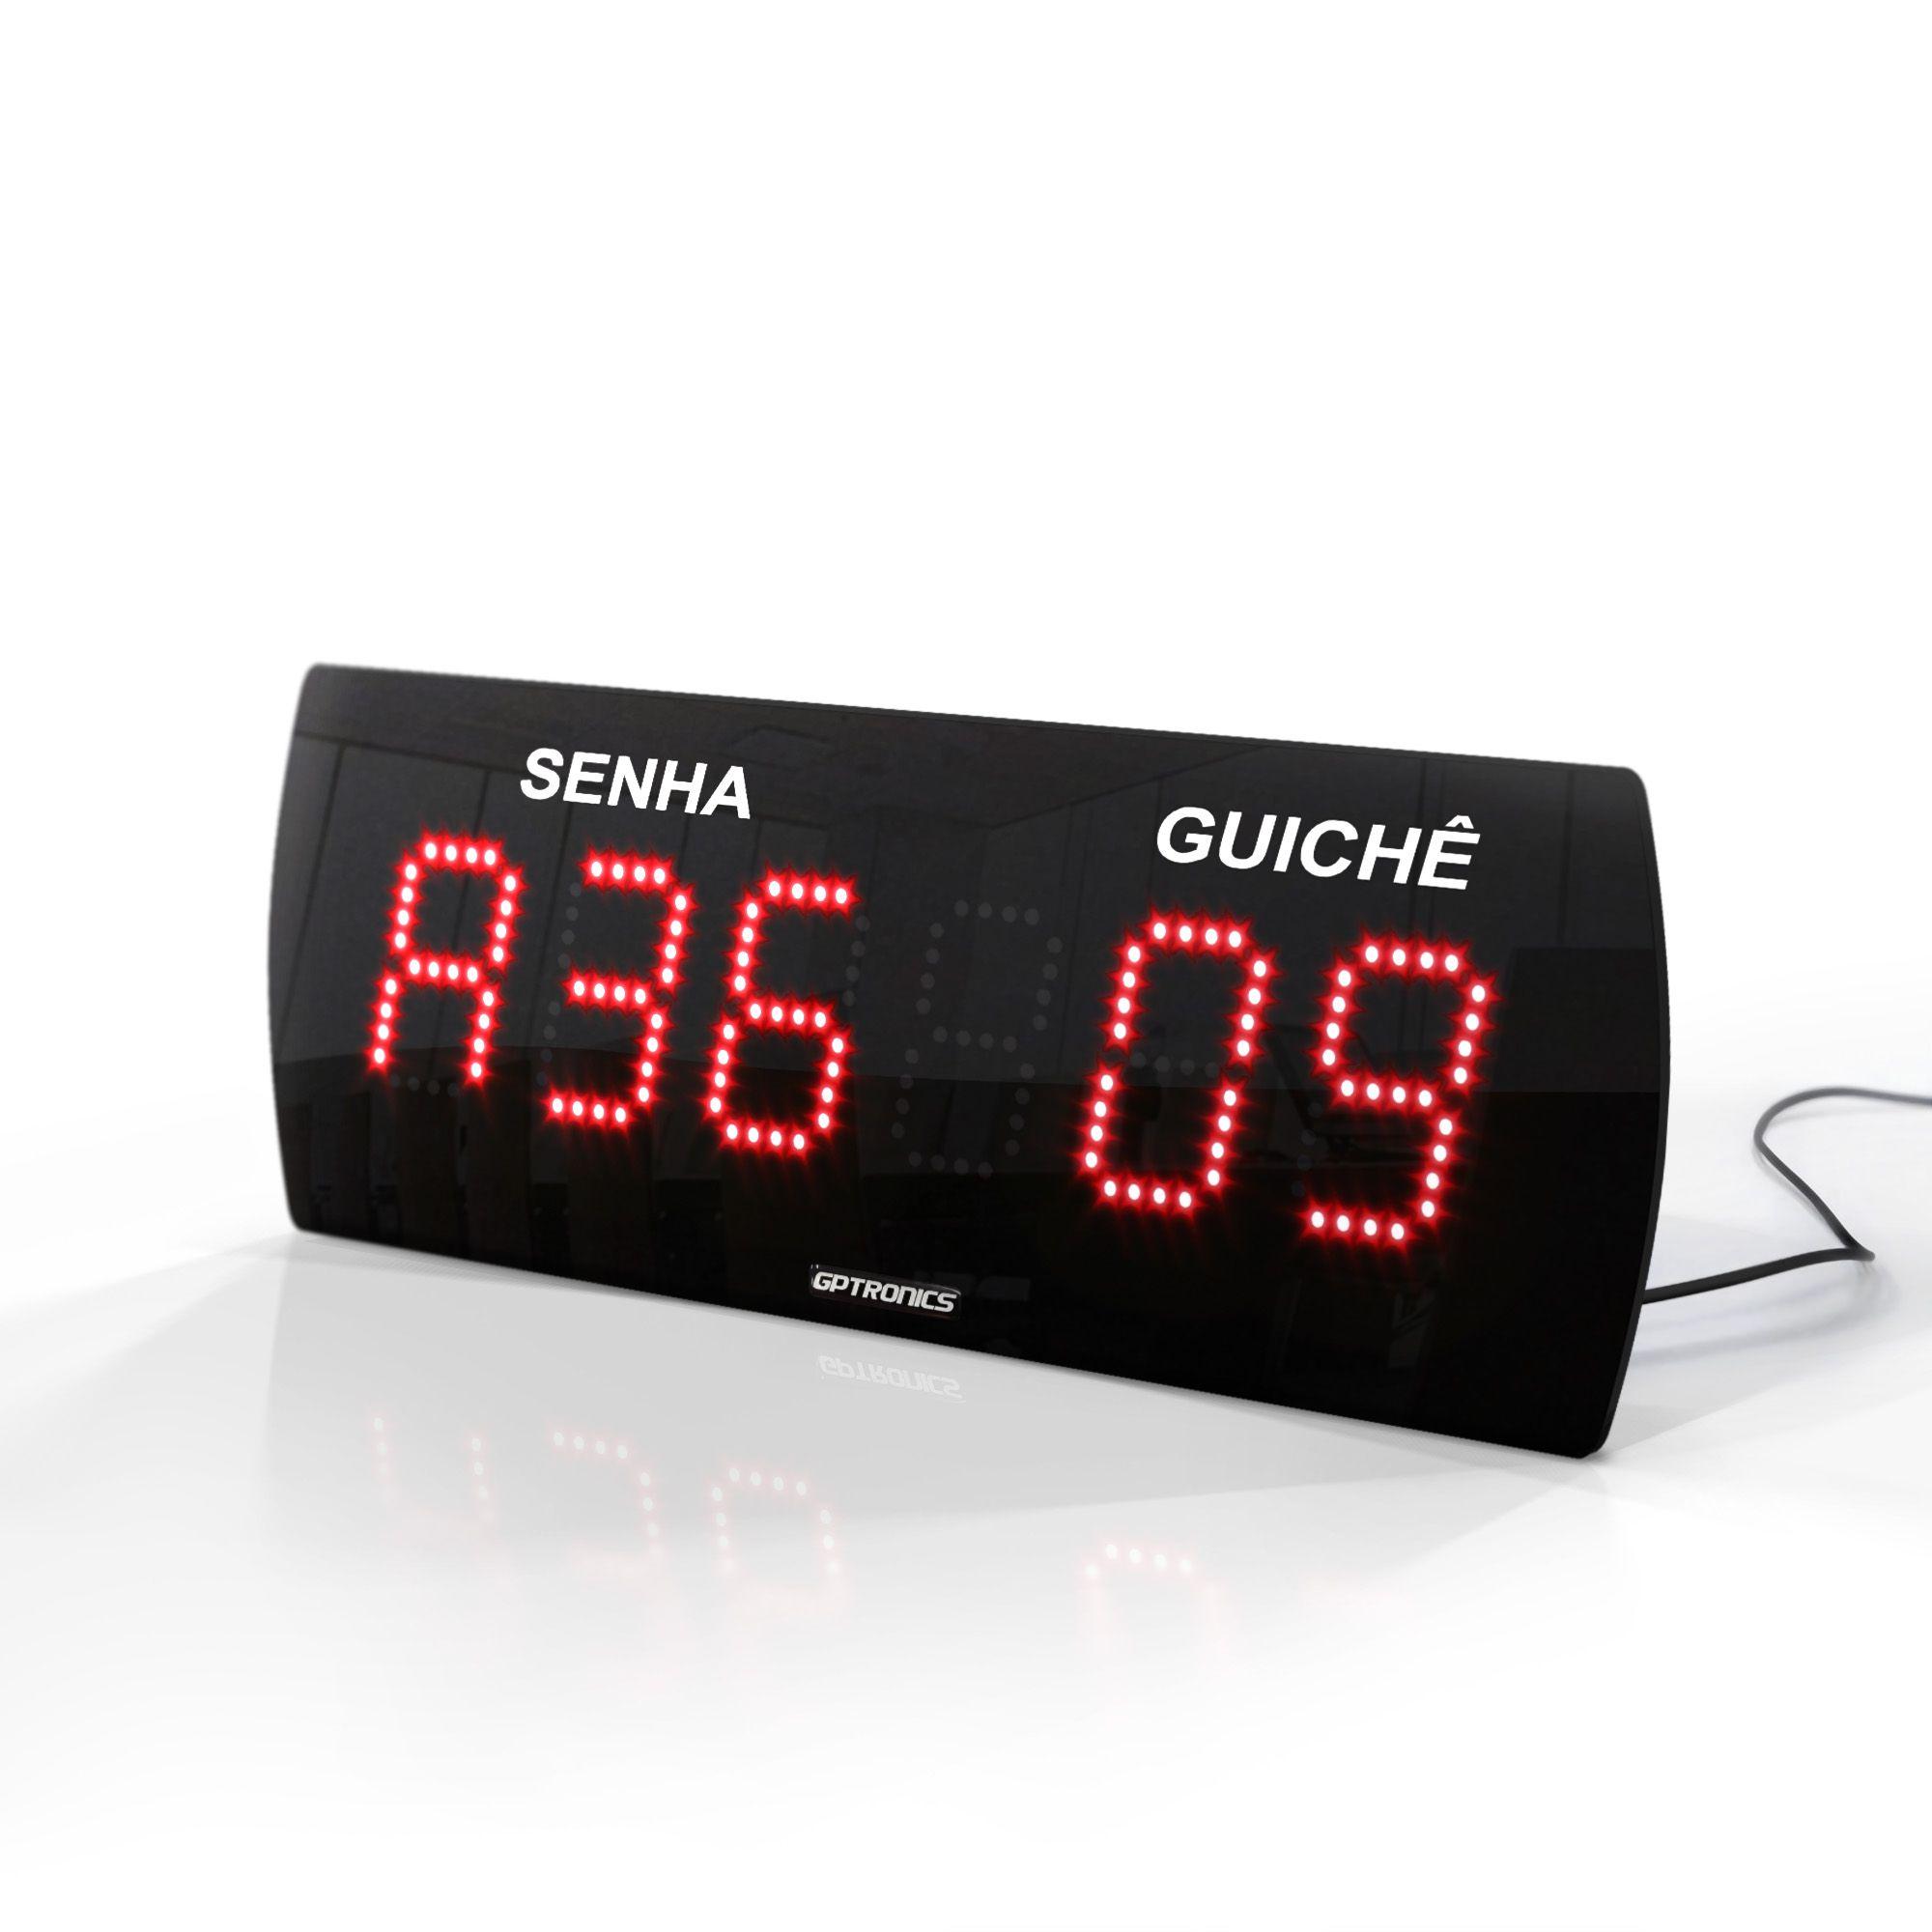 Agilize Slim 625 SG - Painel de Senha e Guichê com 4 Controles - 38x14 cm